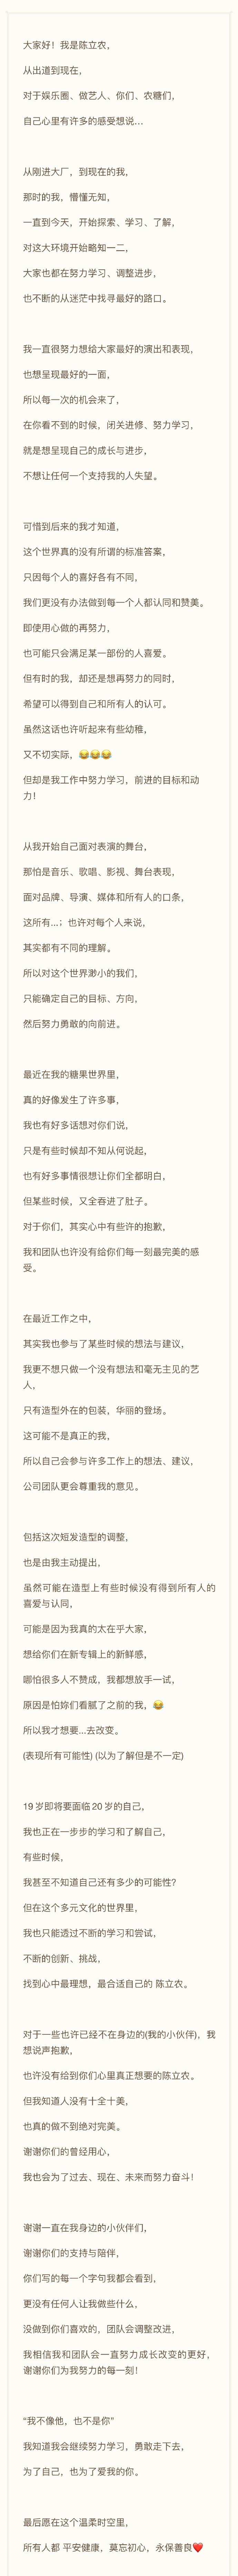 陈立农发长文回应粉丝:这个世界没有所谓的标准答案